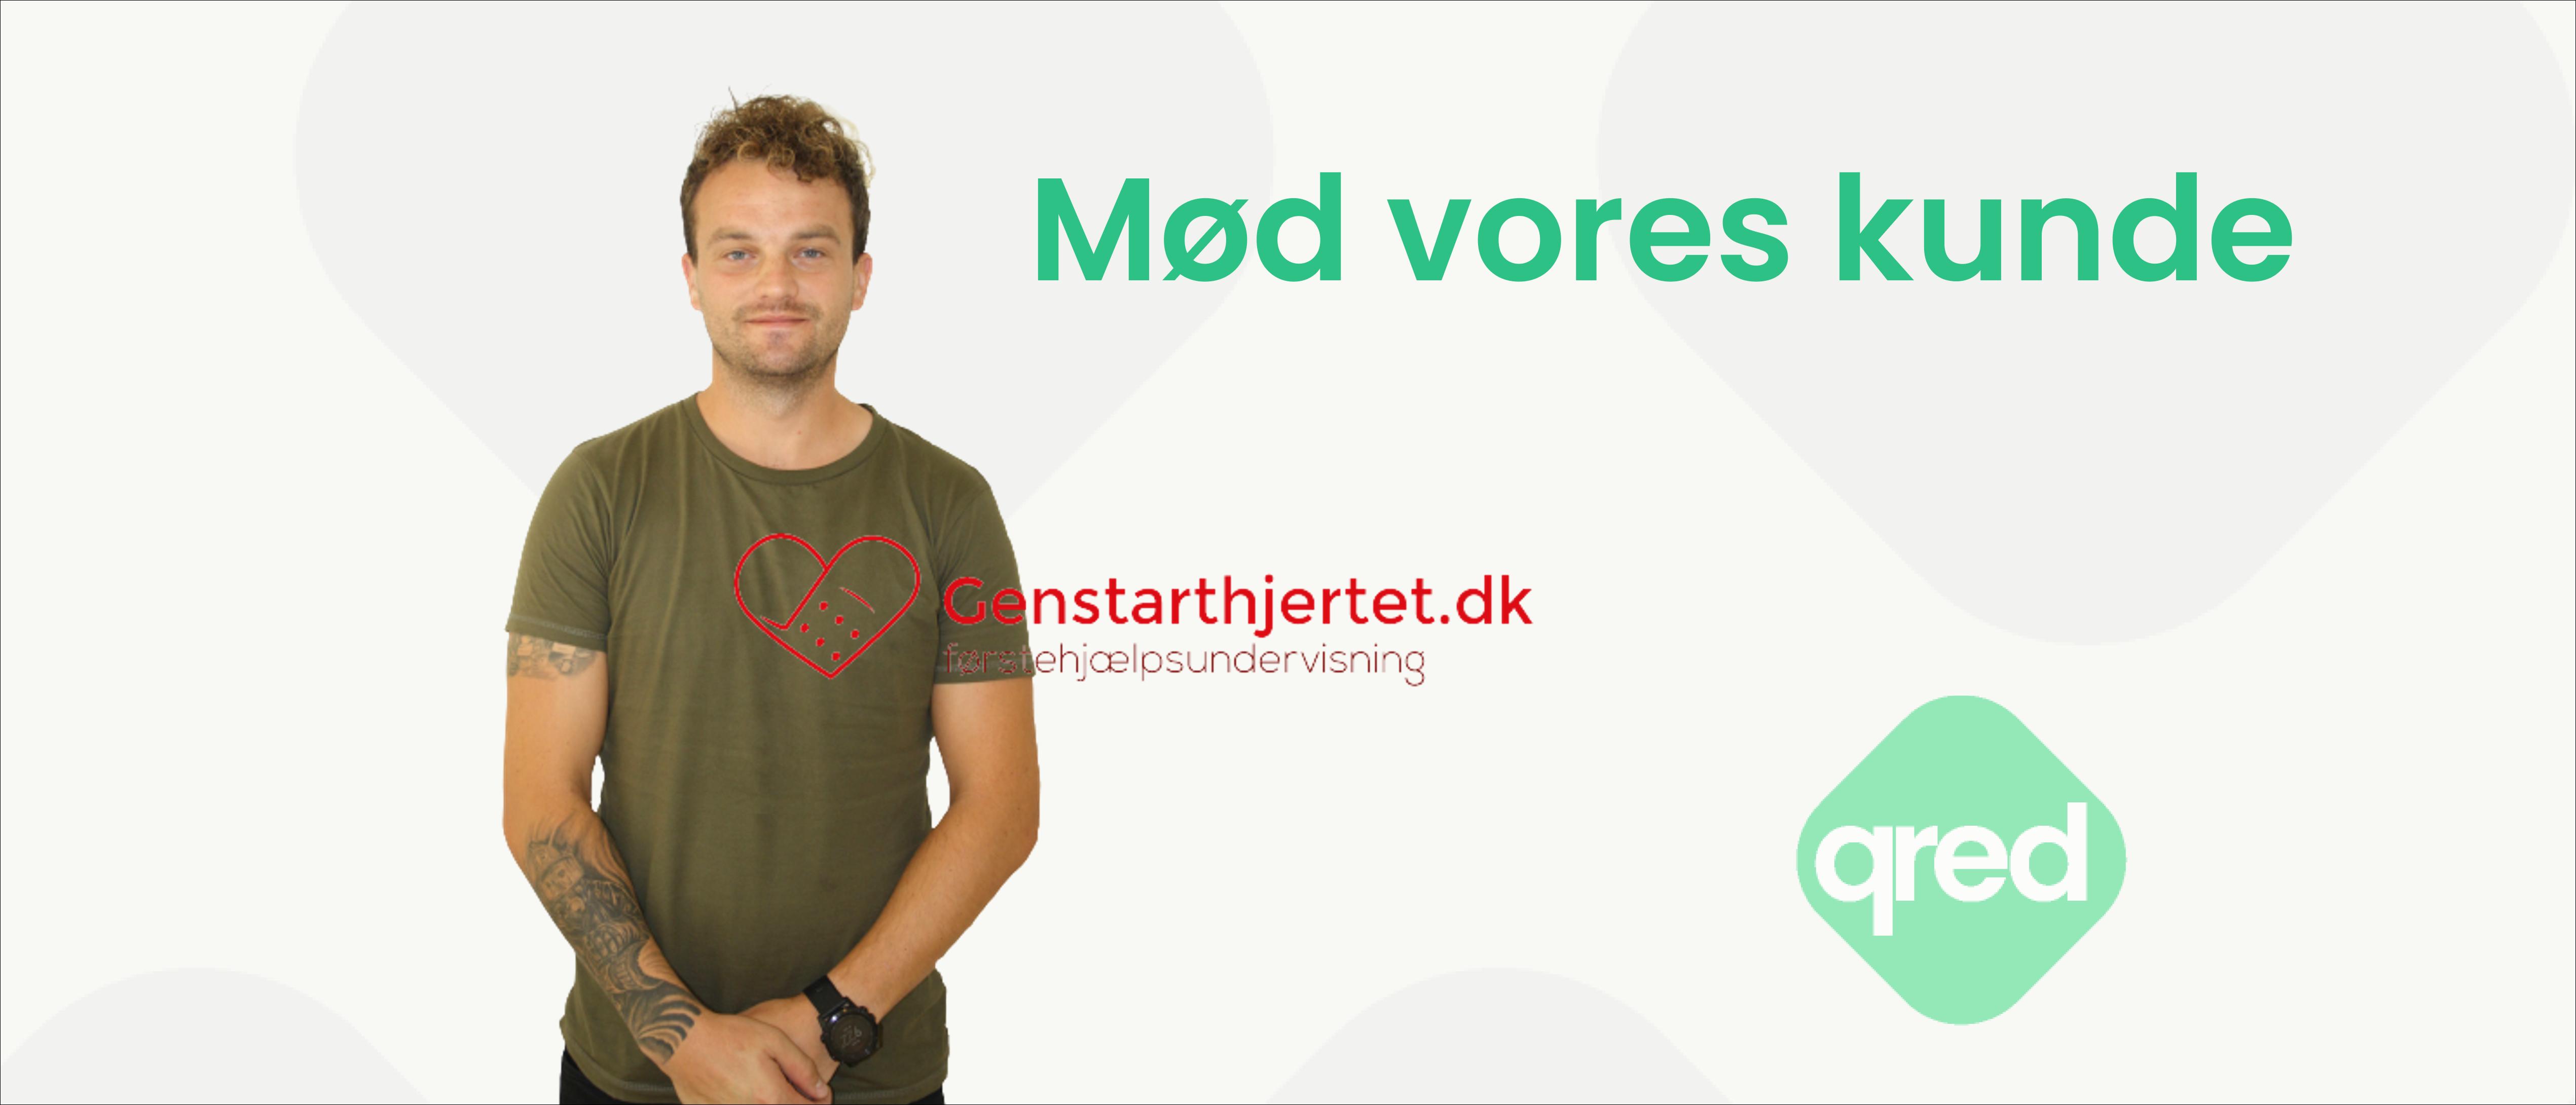 GenstartHjertet - En virksomhed med et ægte hjerteslag